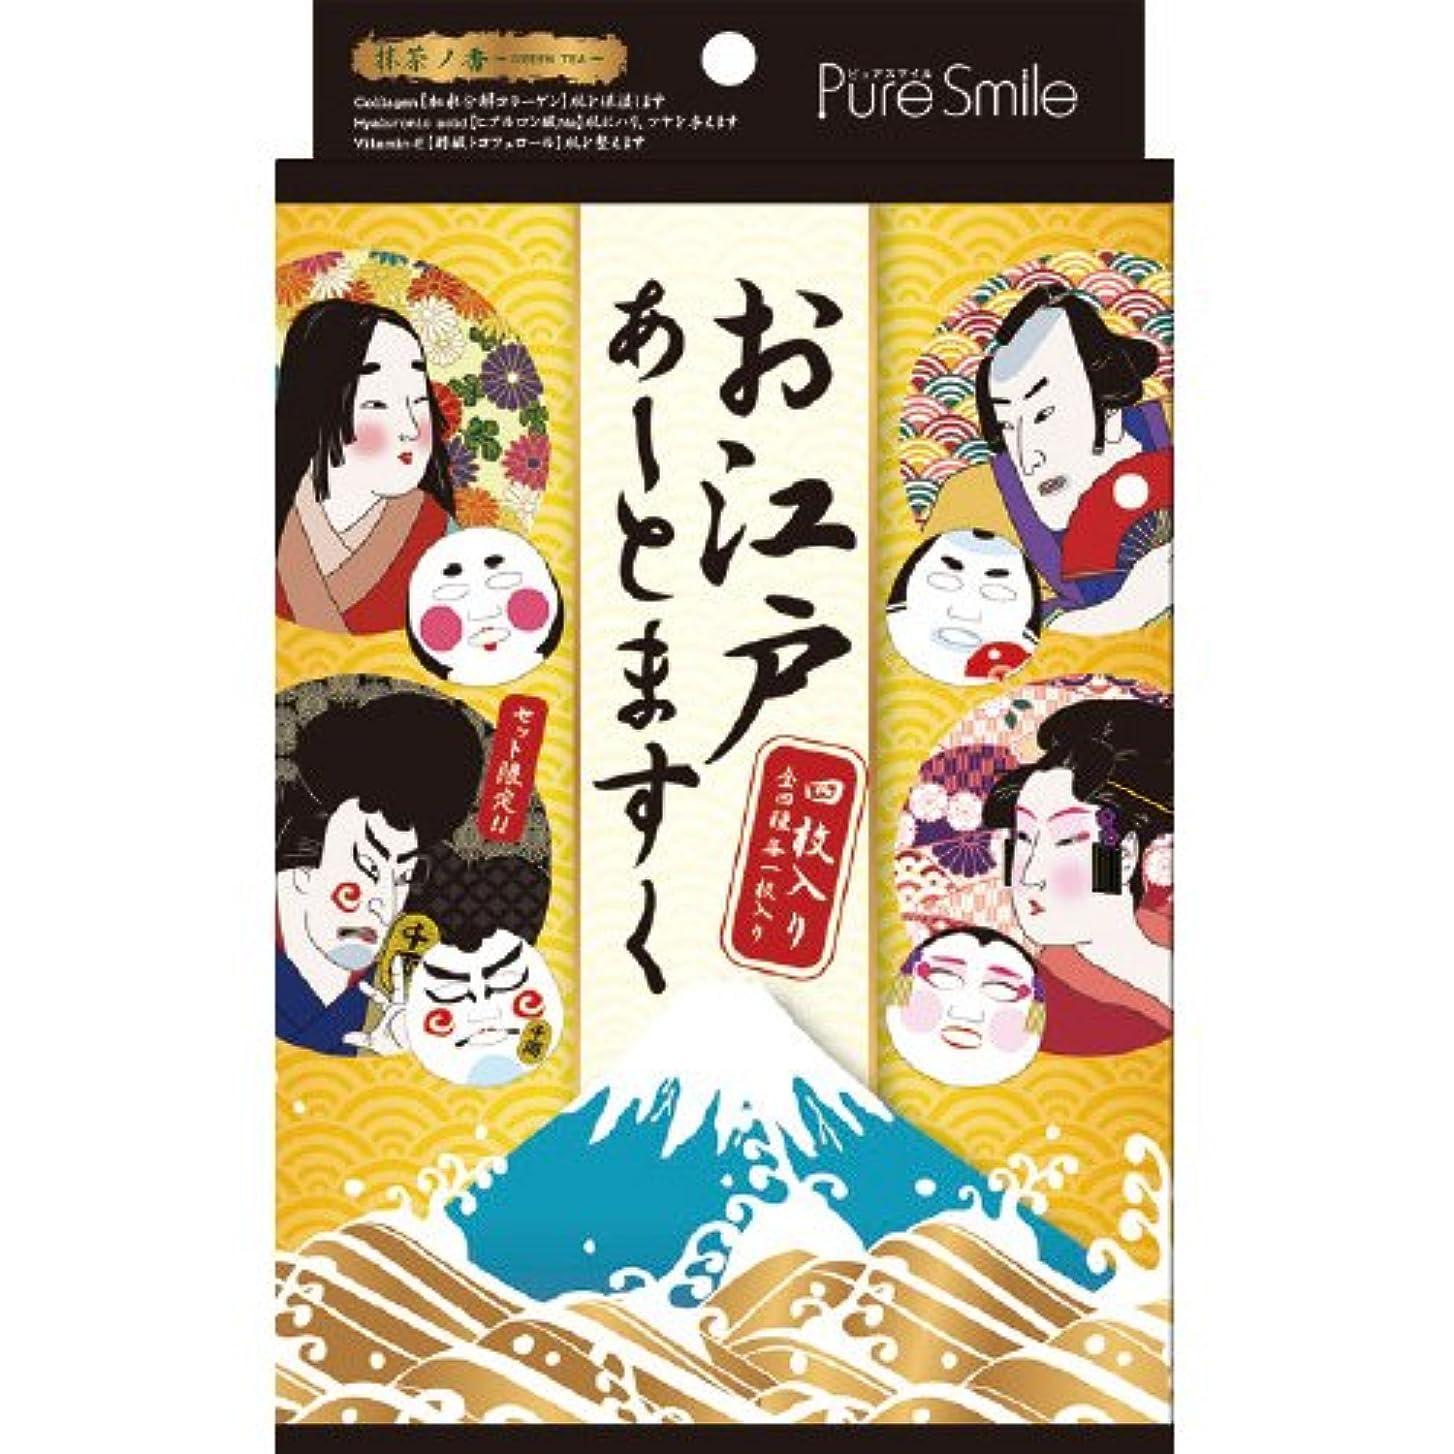 晴れ嘆く魅力的お江戸アートマスクBOXセット 4枚入り